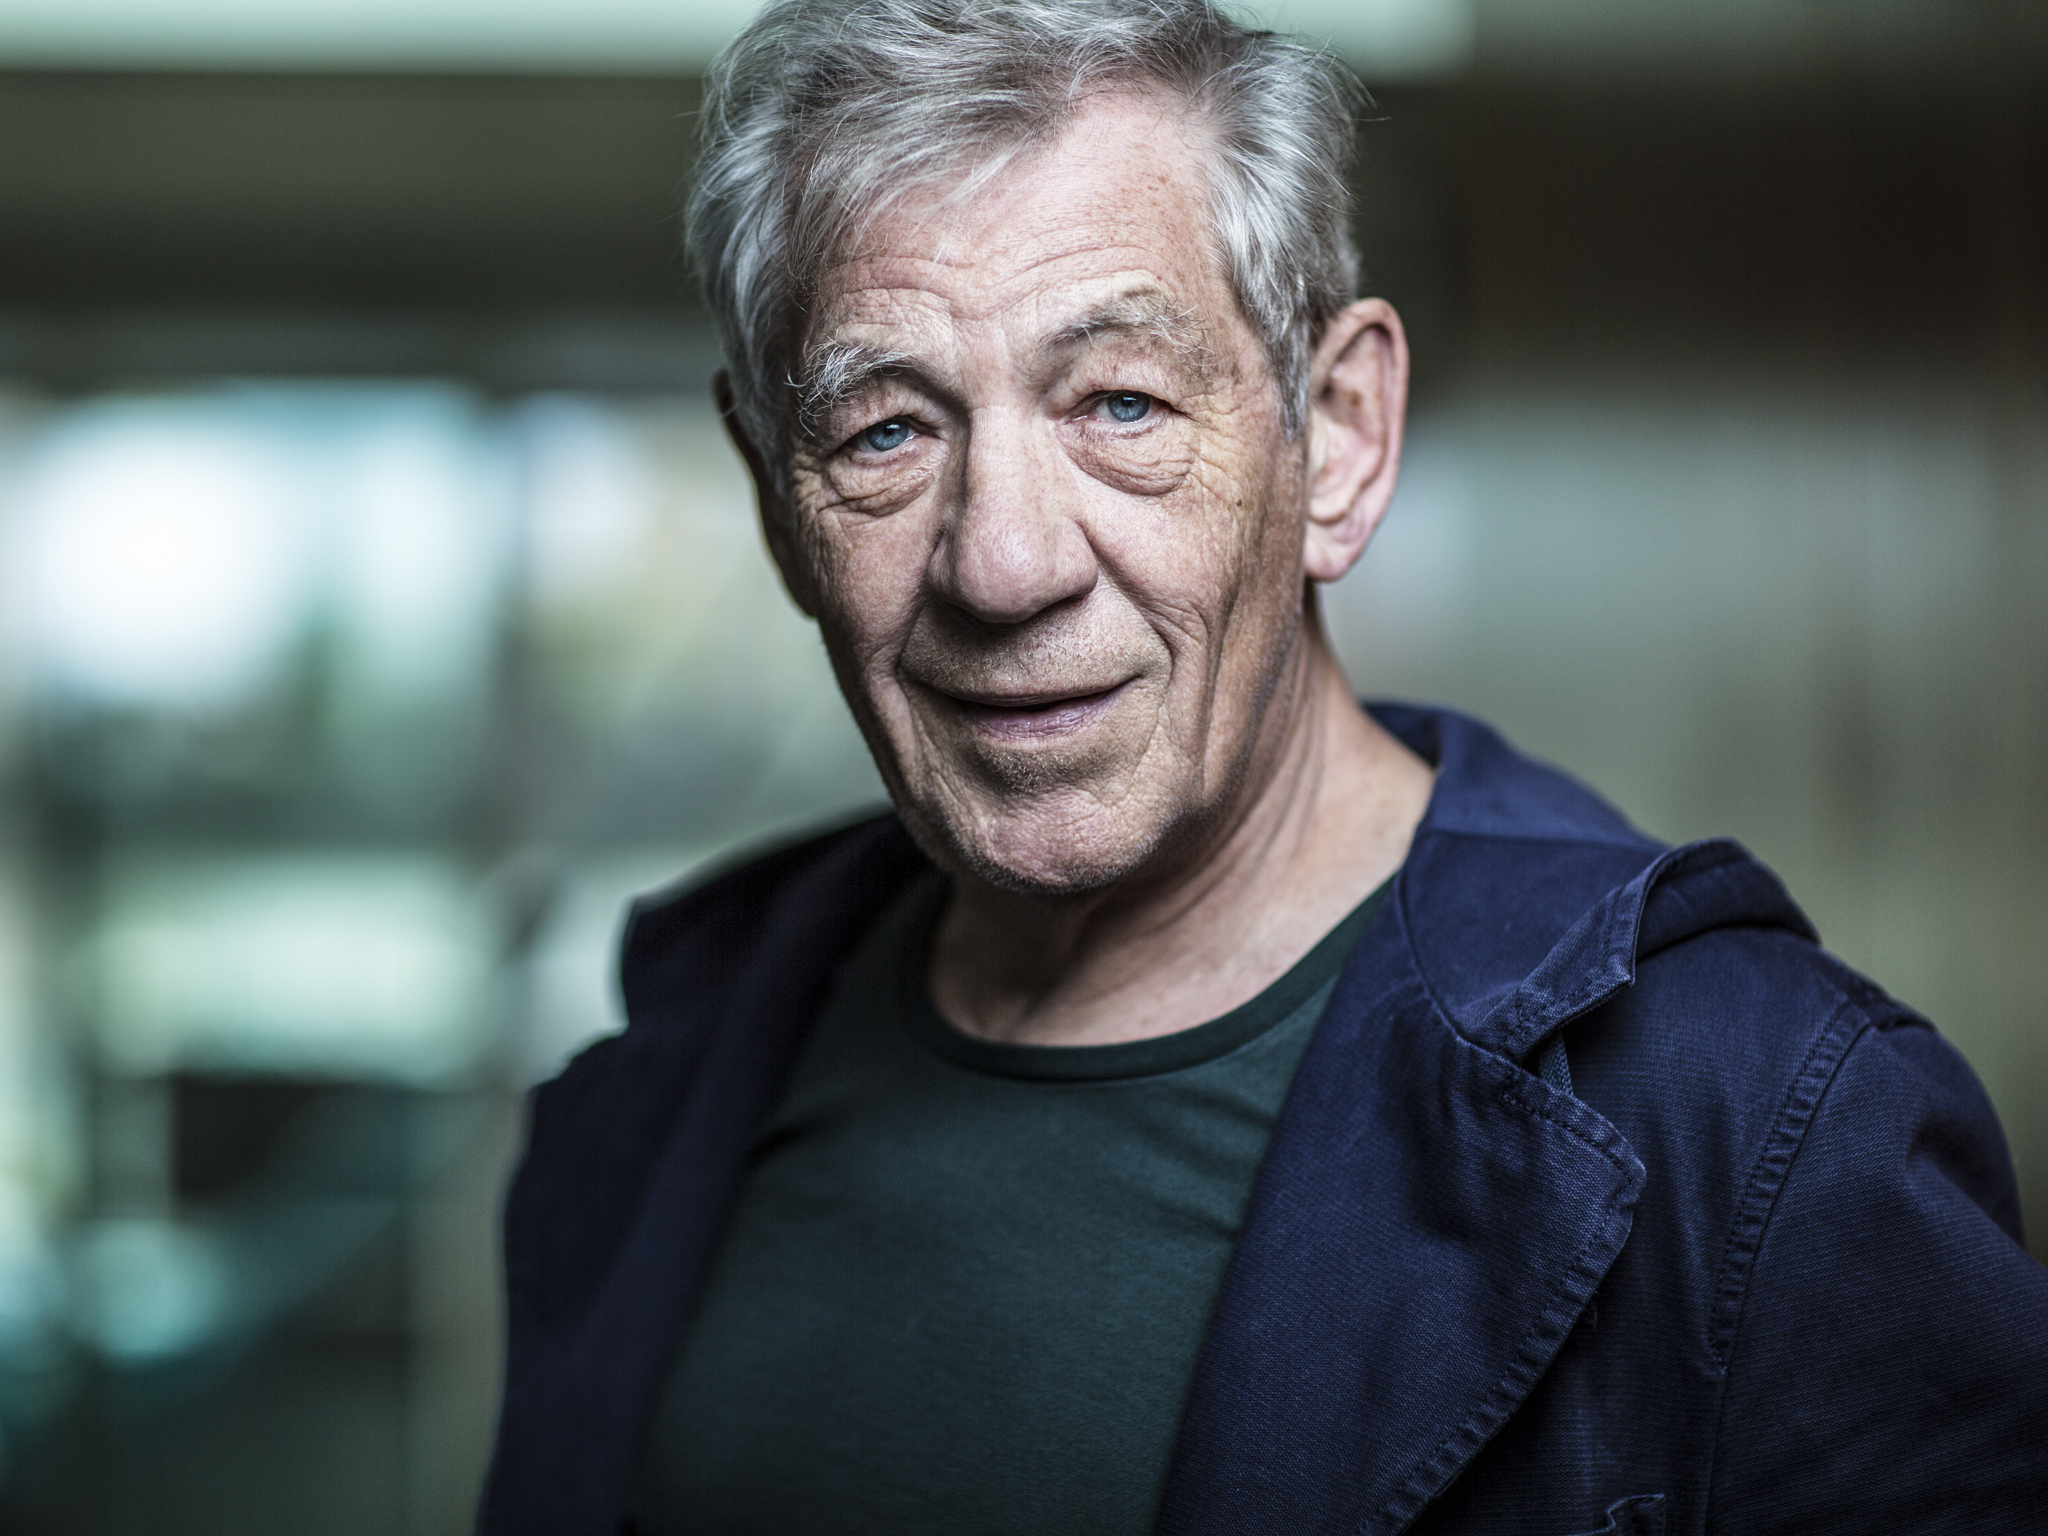 High Resolution Wallpaper | Ian McKellen 2048x1536 px